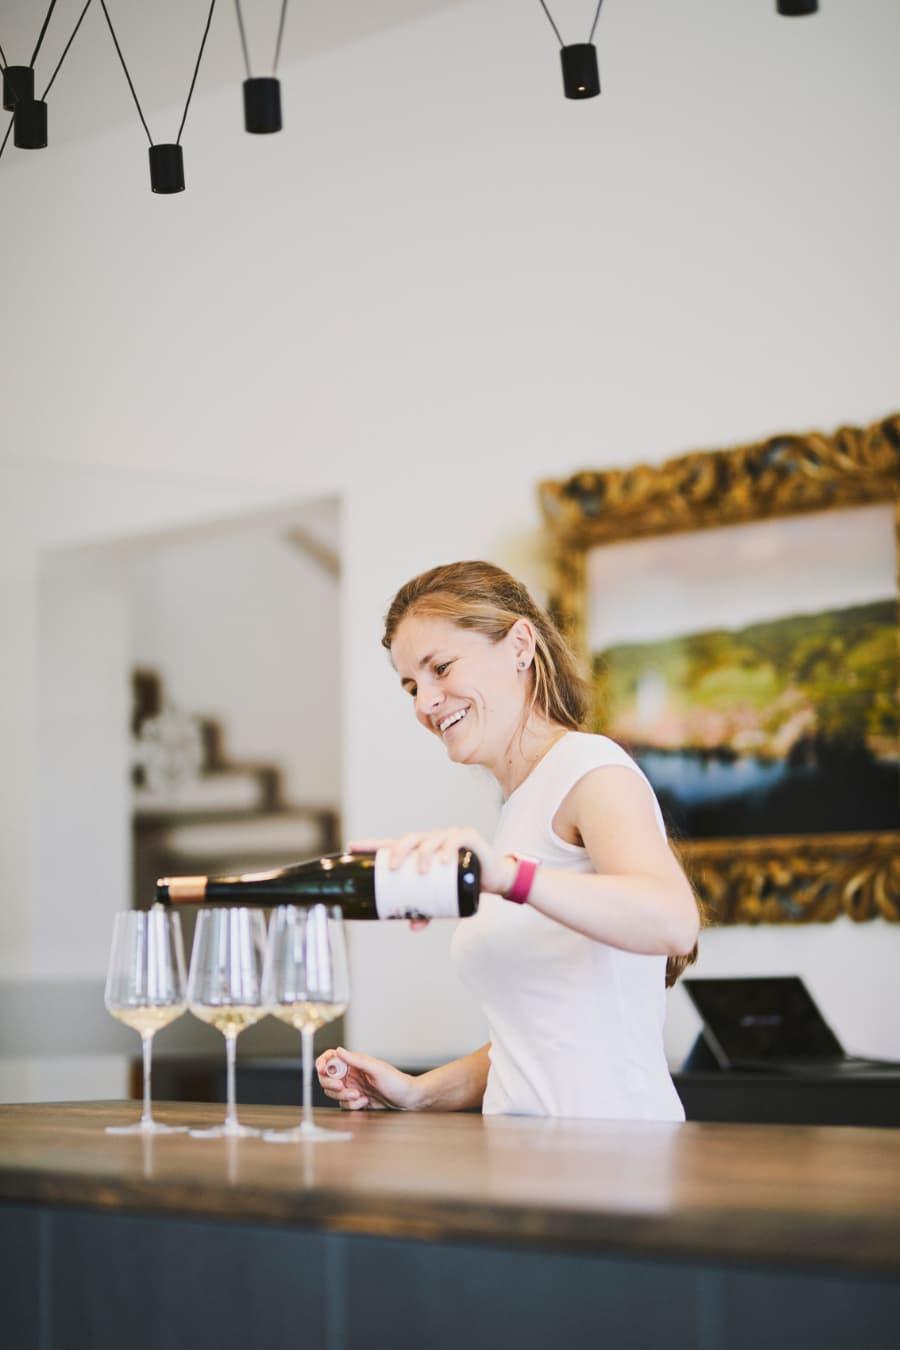 Weinverkostung-weinhofmeisterei-wachau